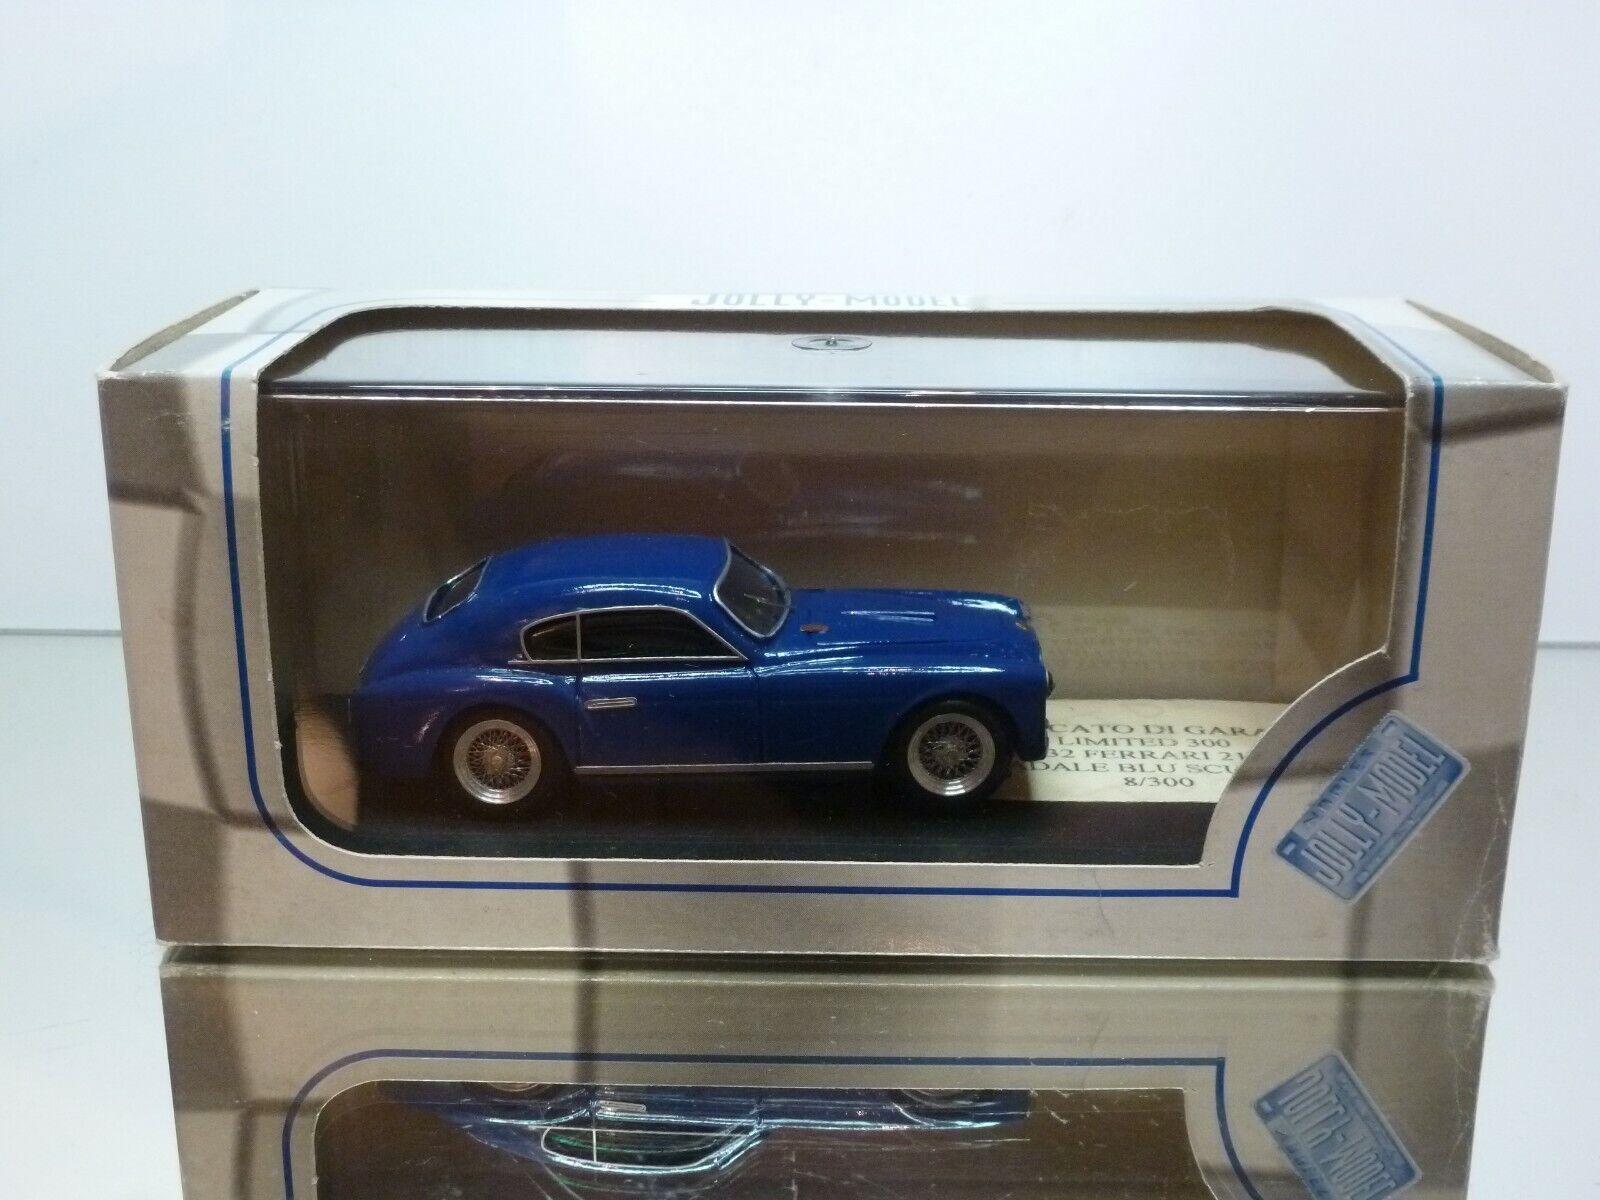 grandi risparmi JOLLY modello JL0332 FERRARI 212 212 212 GHIA STRADALE - blu 1 43 - EXCELLENT IN scatola  vendendo bene in tutto il mondo